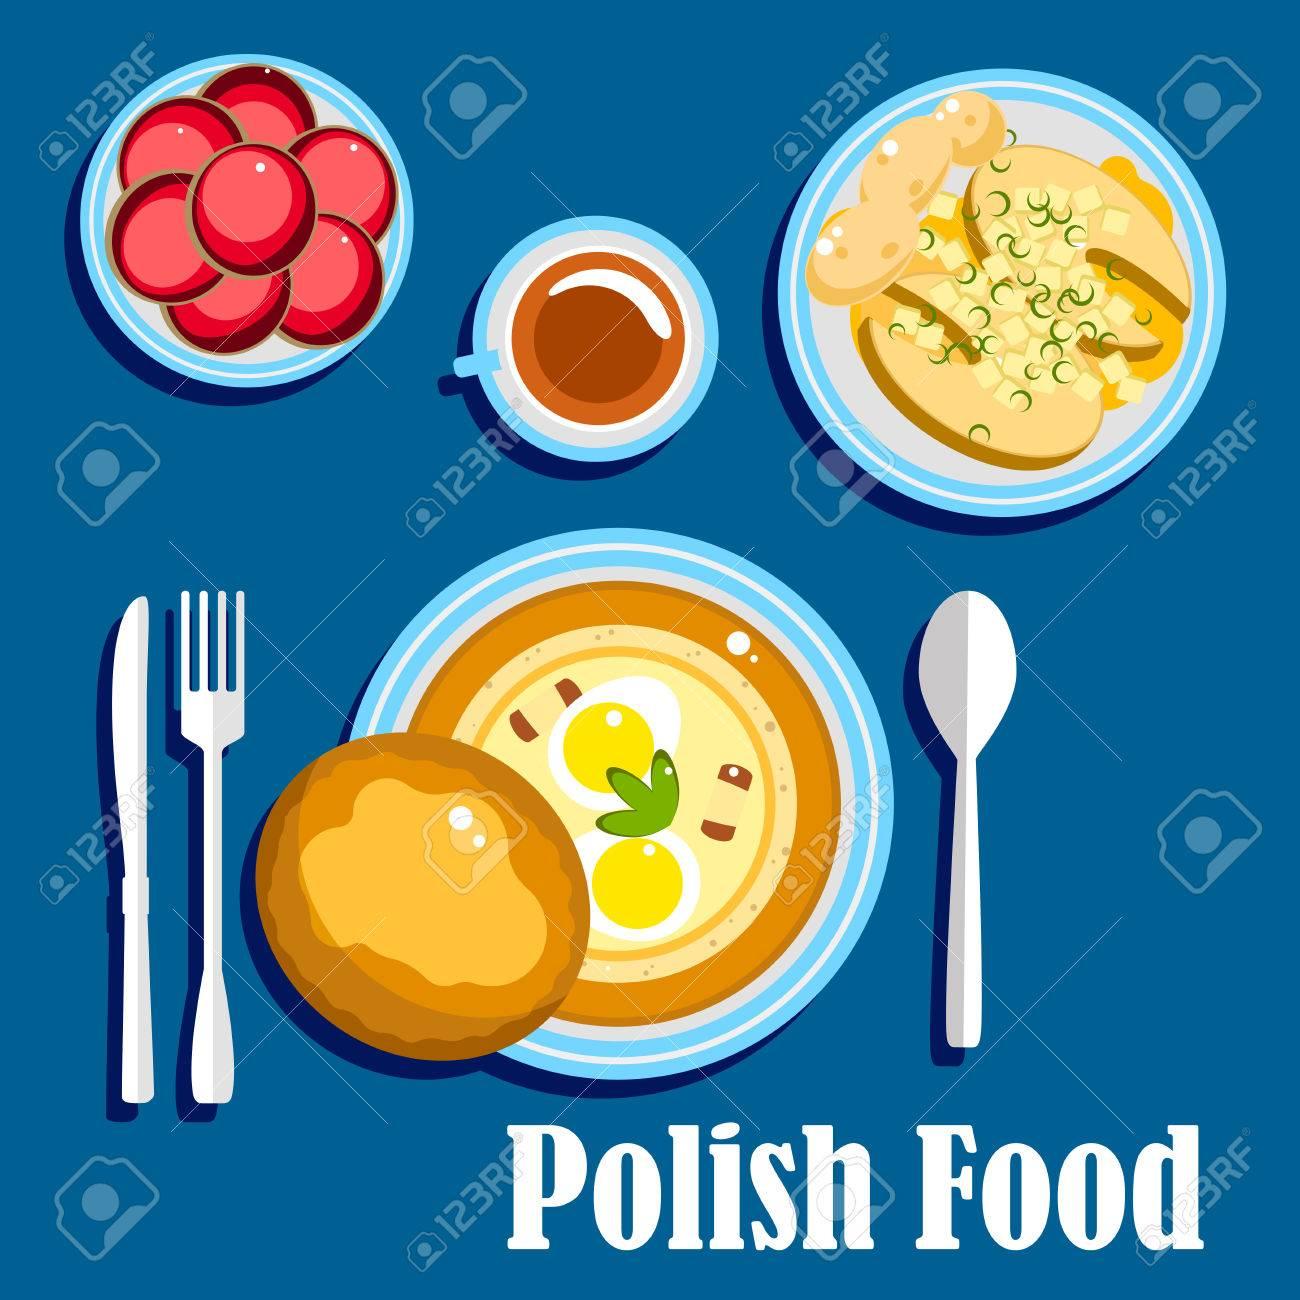 Traditionelle Polnische Küche Essen Mit Hartgekochten Eiern Und Brot ...